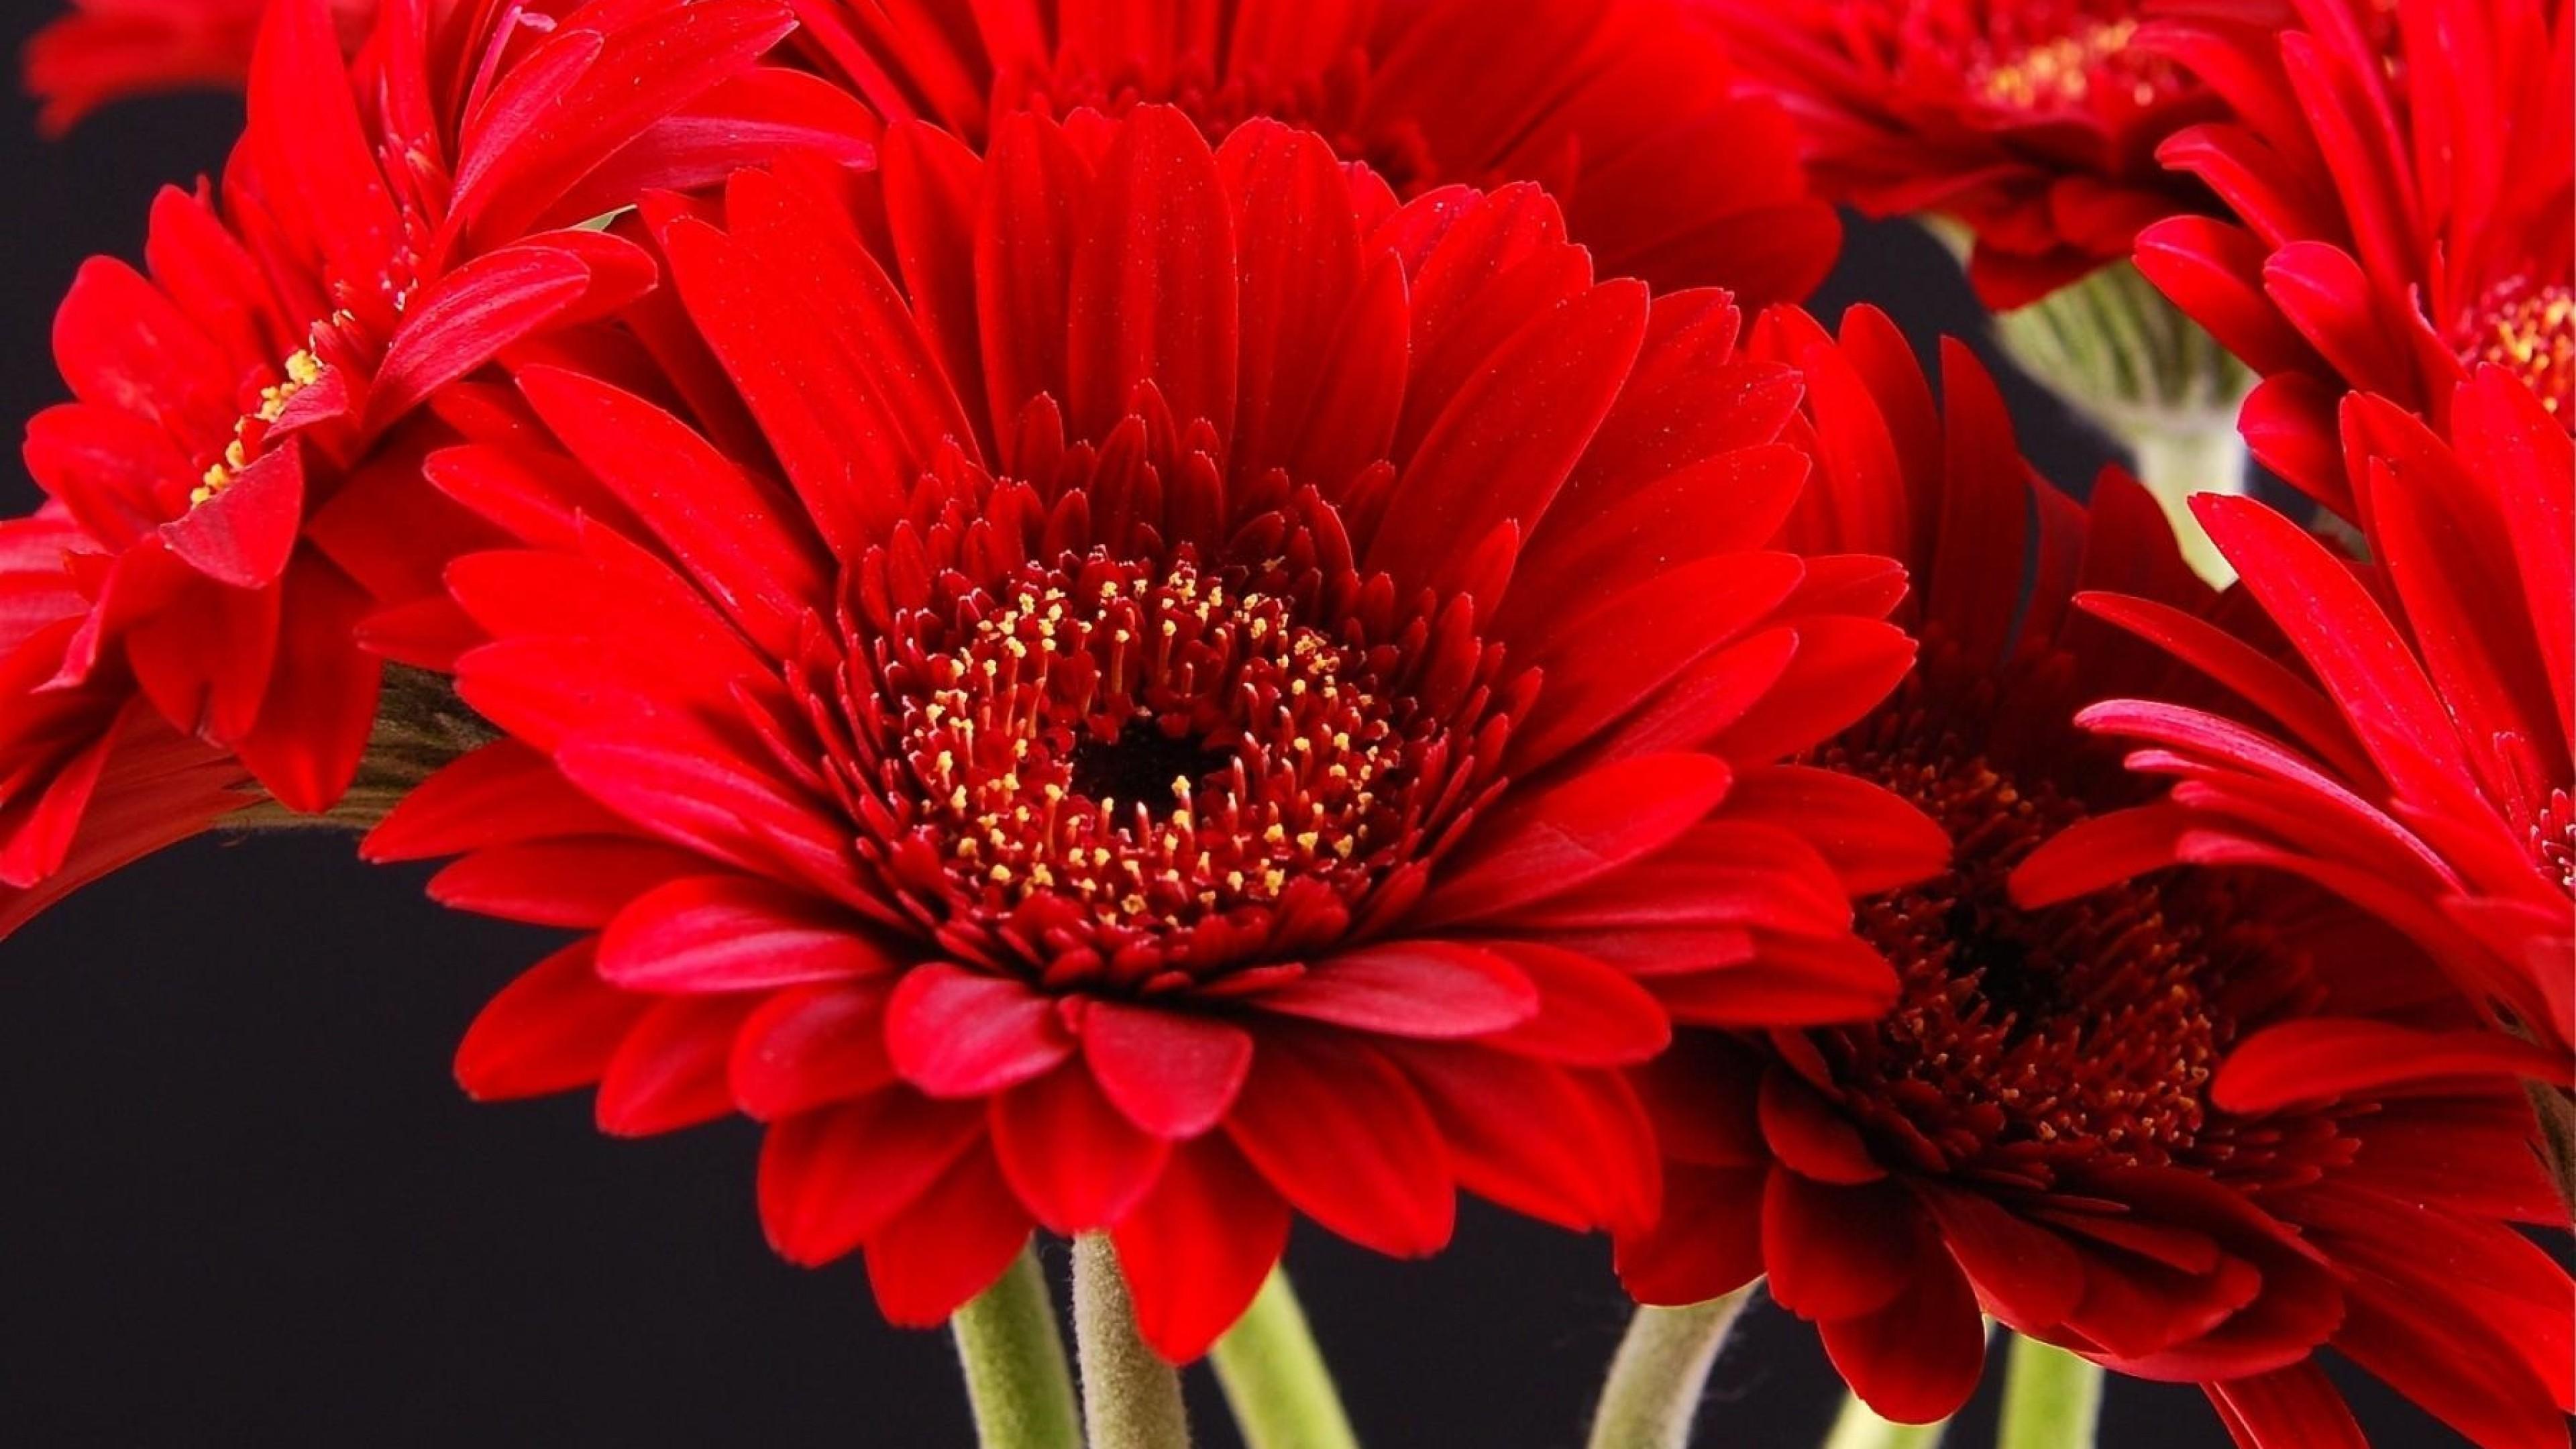 Res: 3840x2160, Gerberas Red Flowers wallpaper | 2560x1707 | 281764 | WallpaperUP